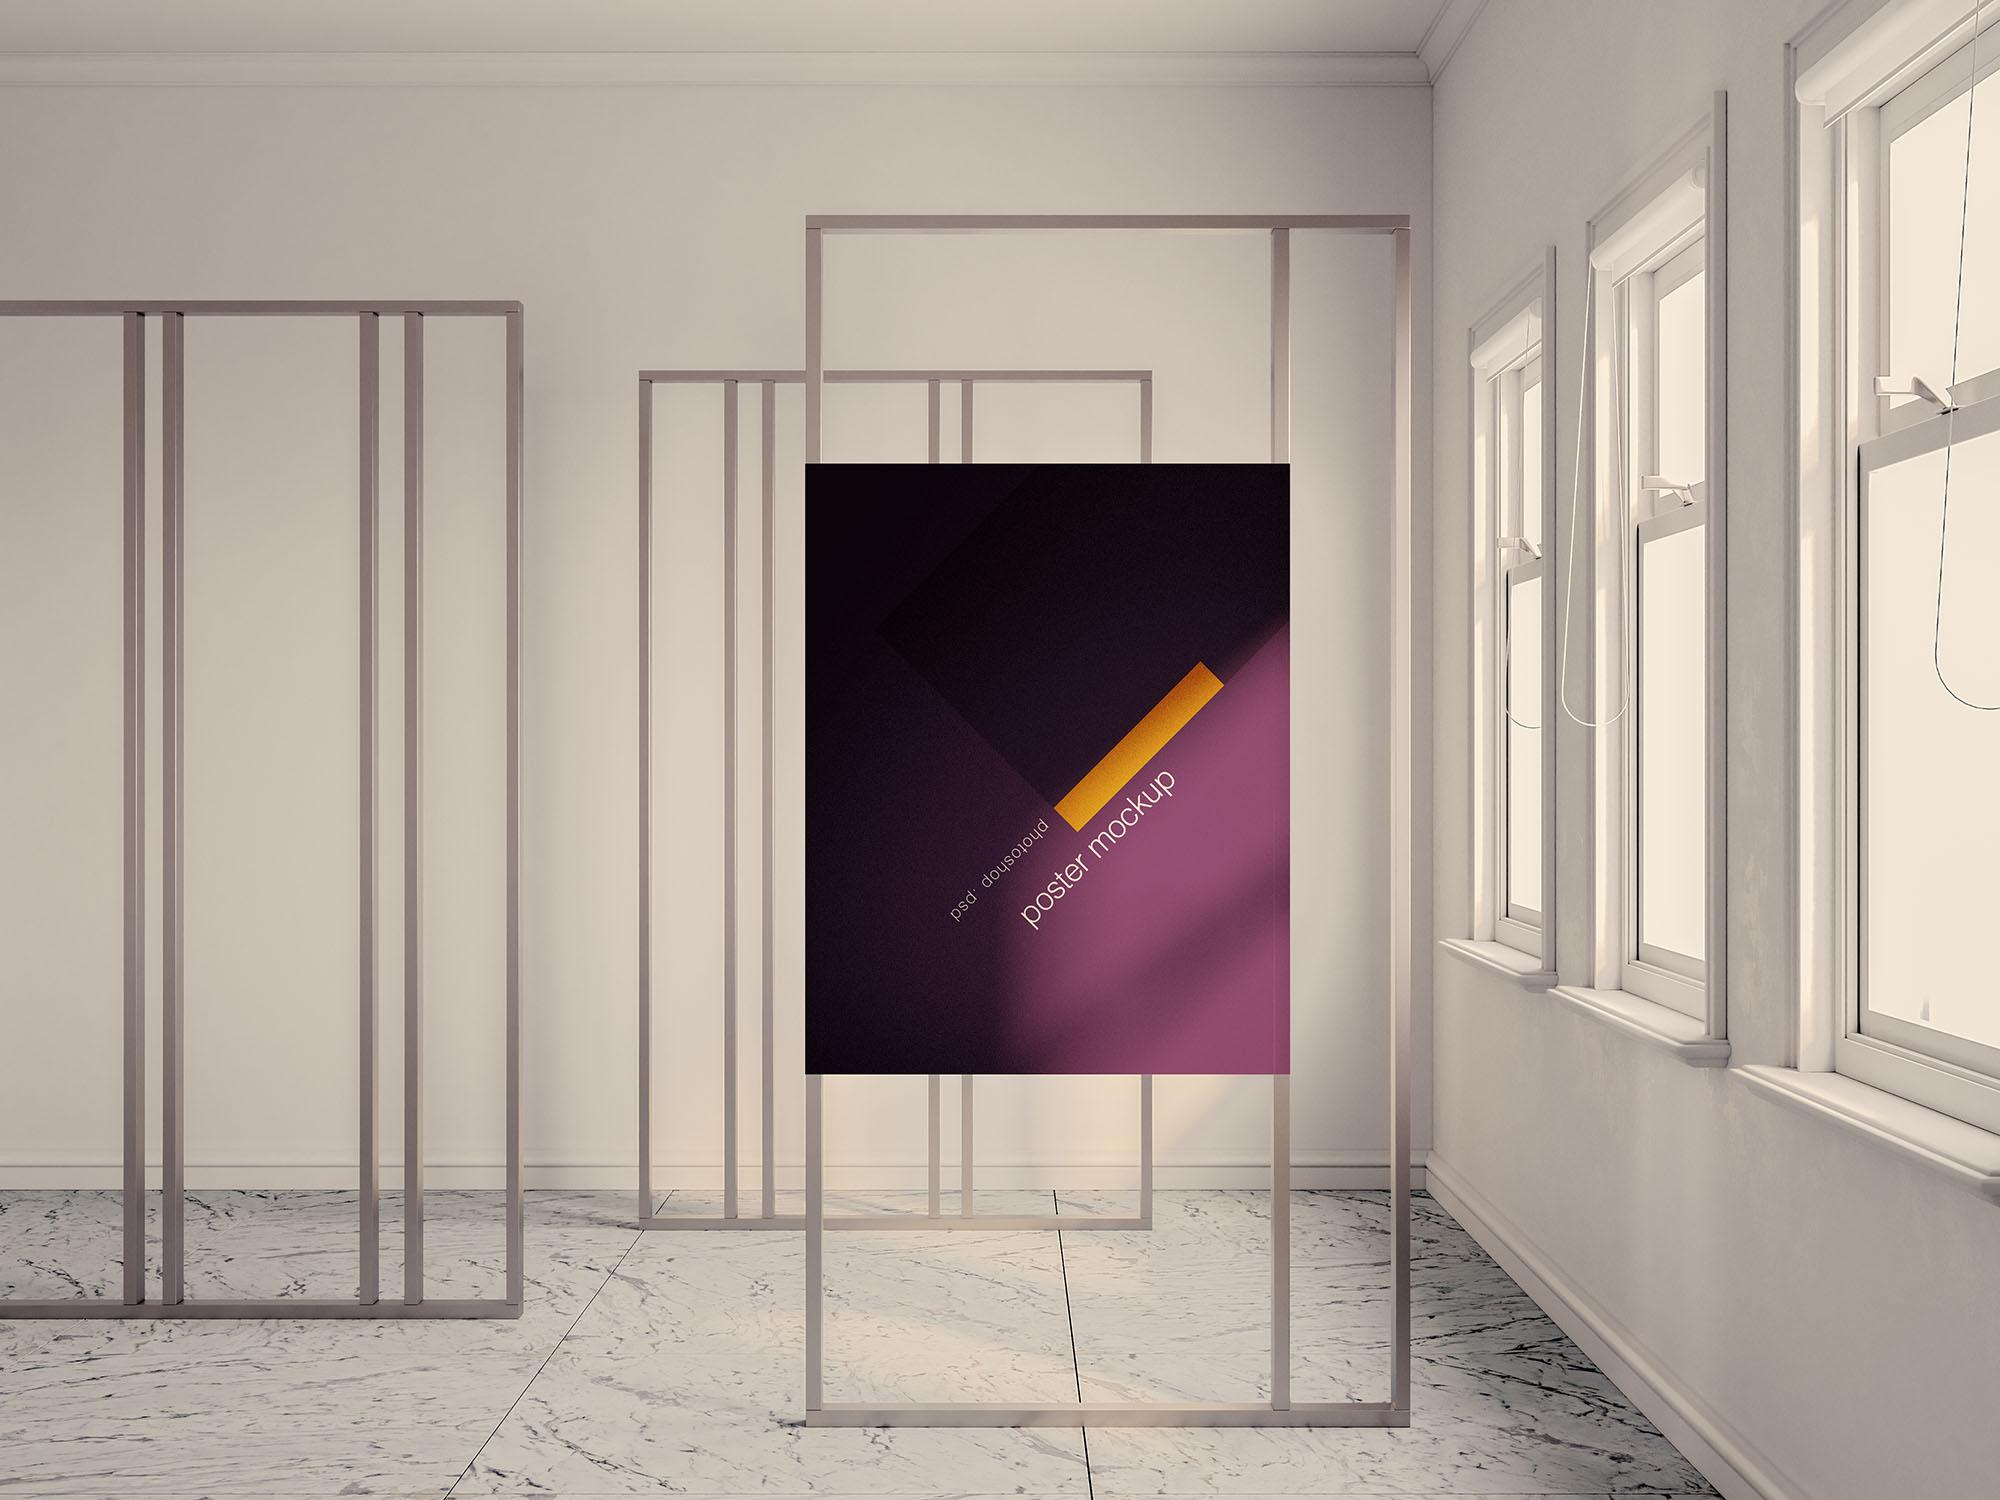 室内海报易拉宝广告牌展示样机PSD智能贴图模板 Exhibition Poster Mockup插图